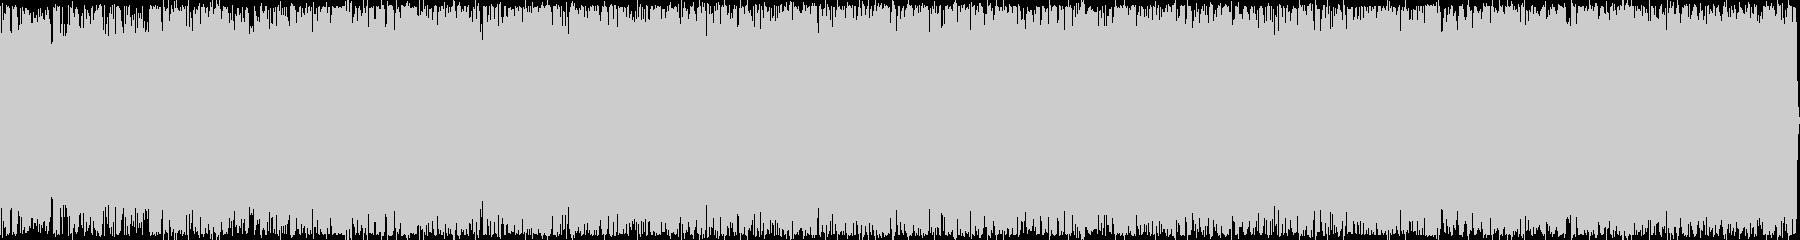 虫の声と琴の音色が18分の未再生の波形